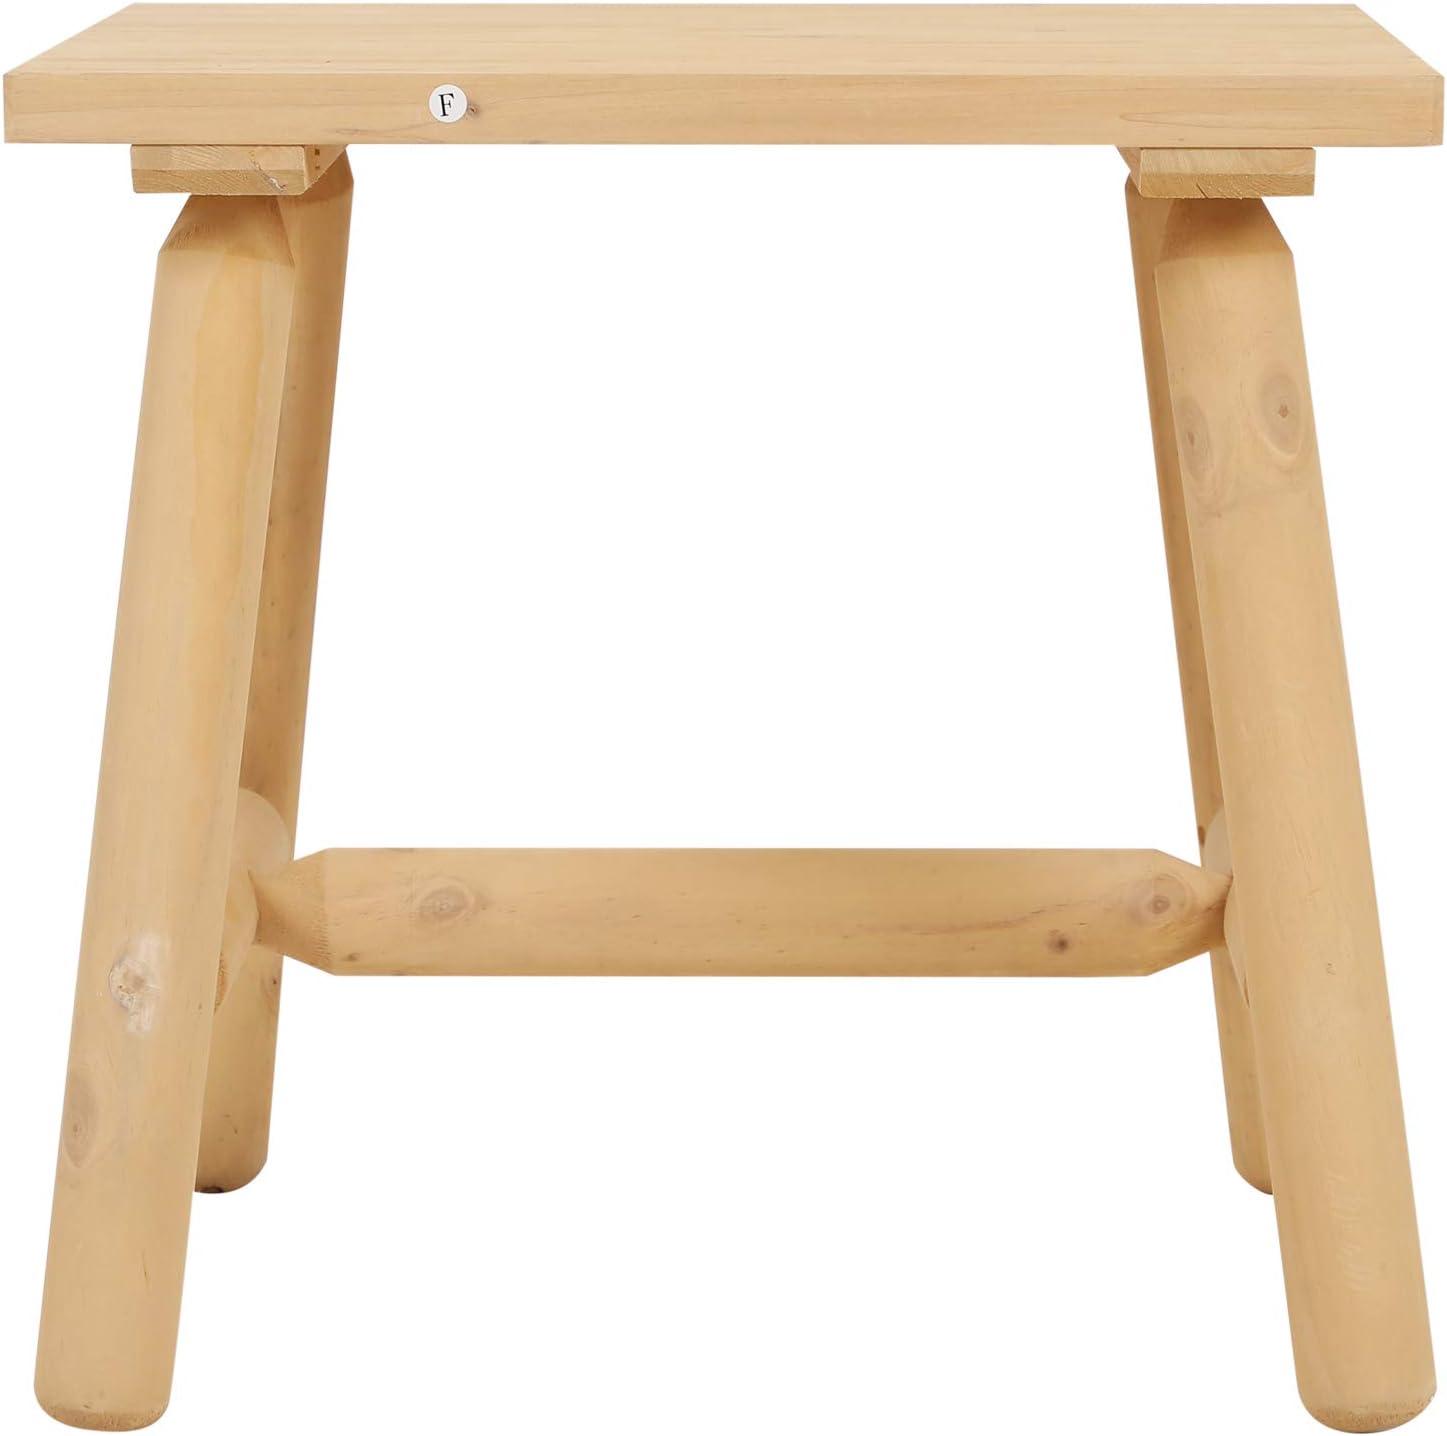 Outsunny Beistelltisch Gartentisch Kaffeetisch Teetisch Holztisch Tisch Allzweck Tannenholz Natur 50 x 50 x 48 cm